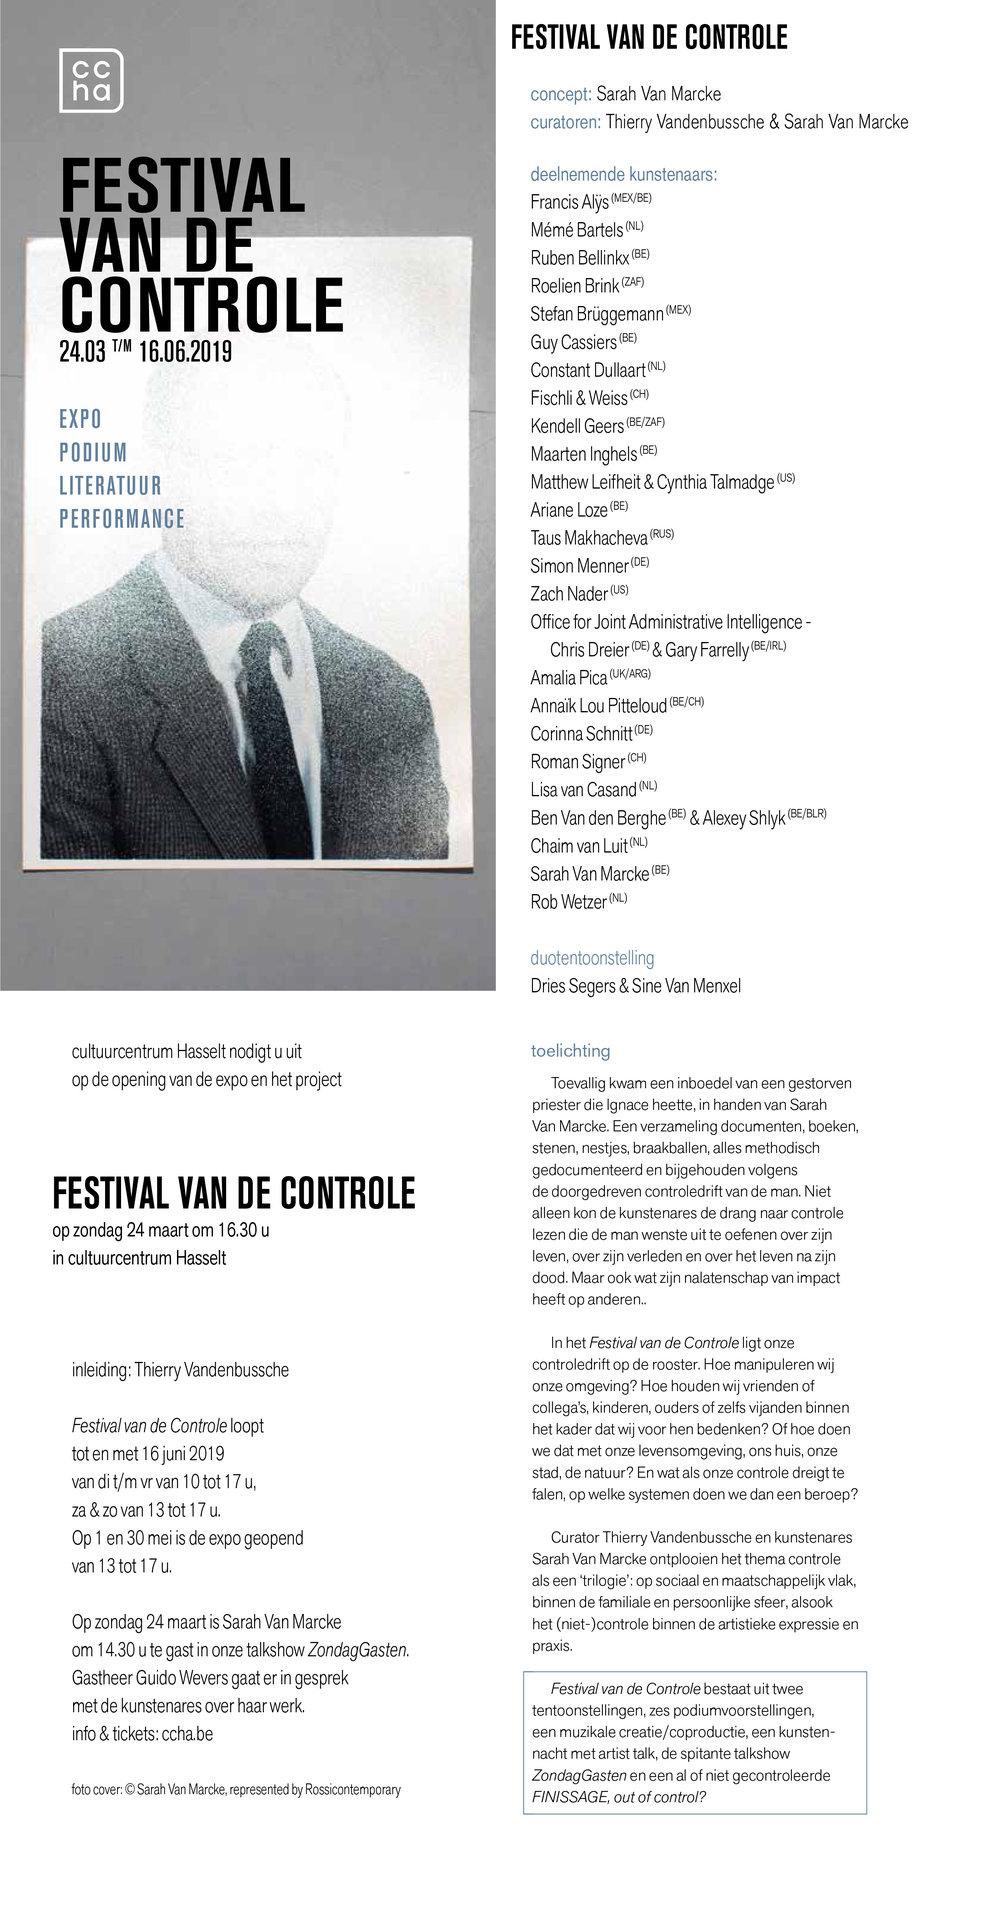 FESTIVAL VAN DE CONTROLE zondersite-1.jpg